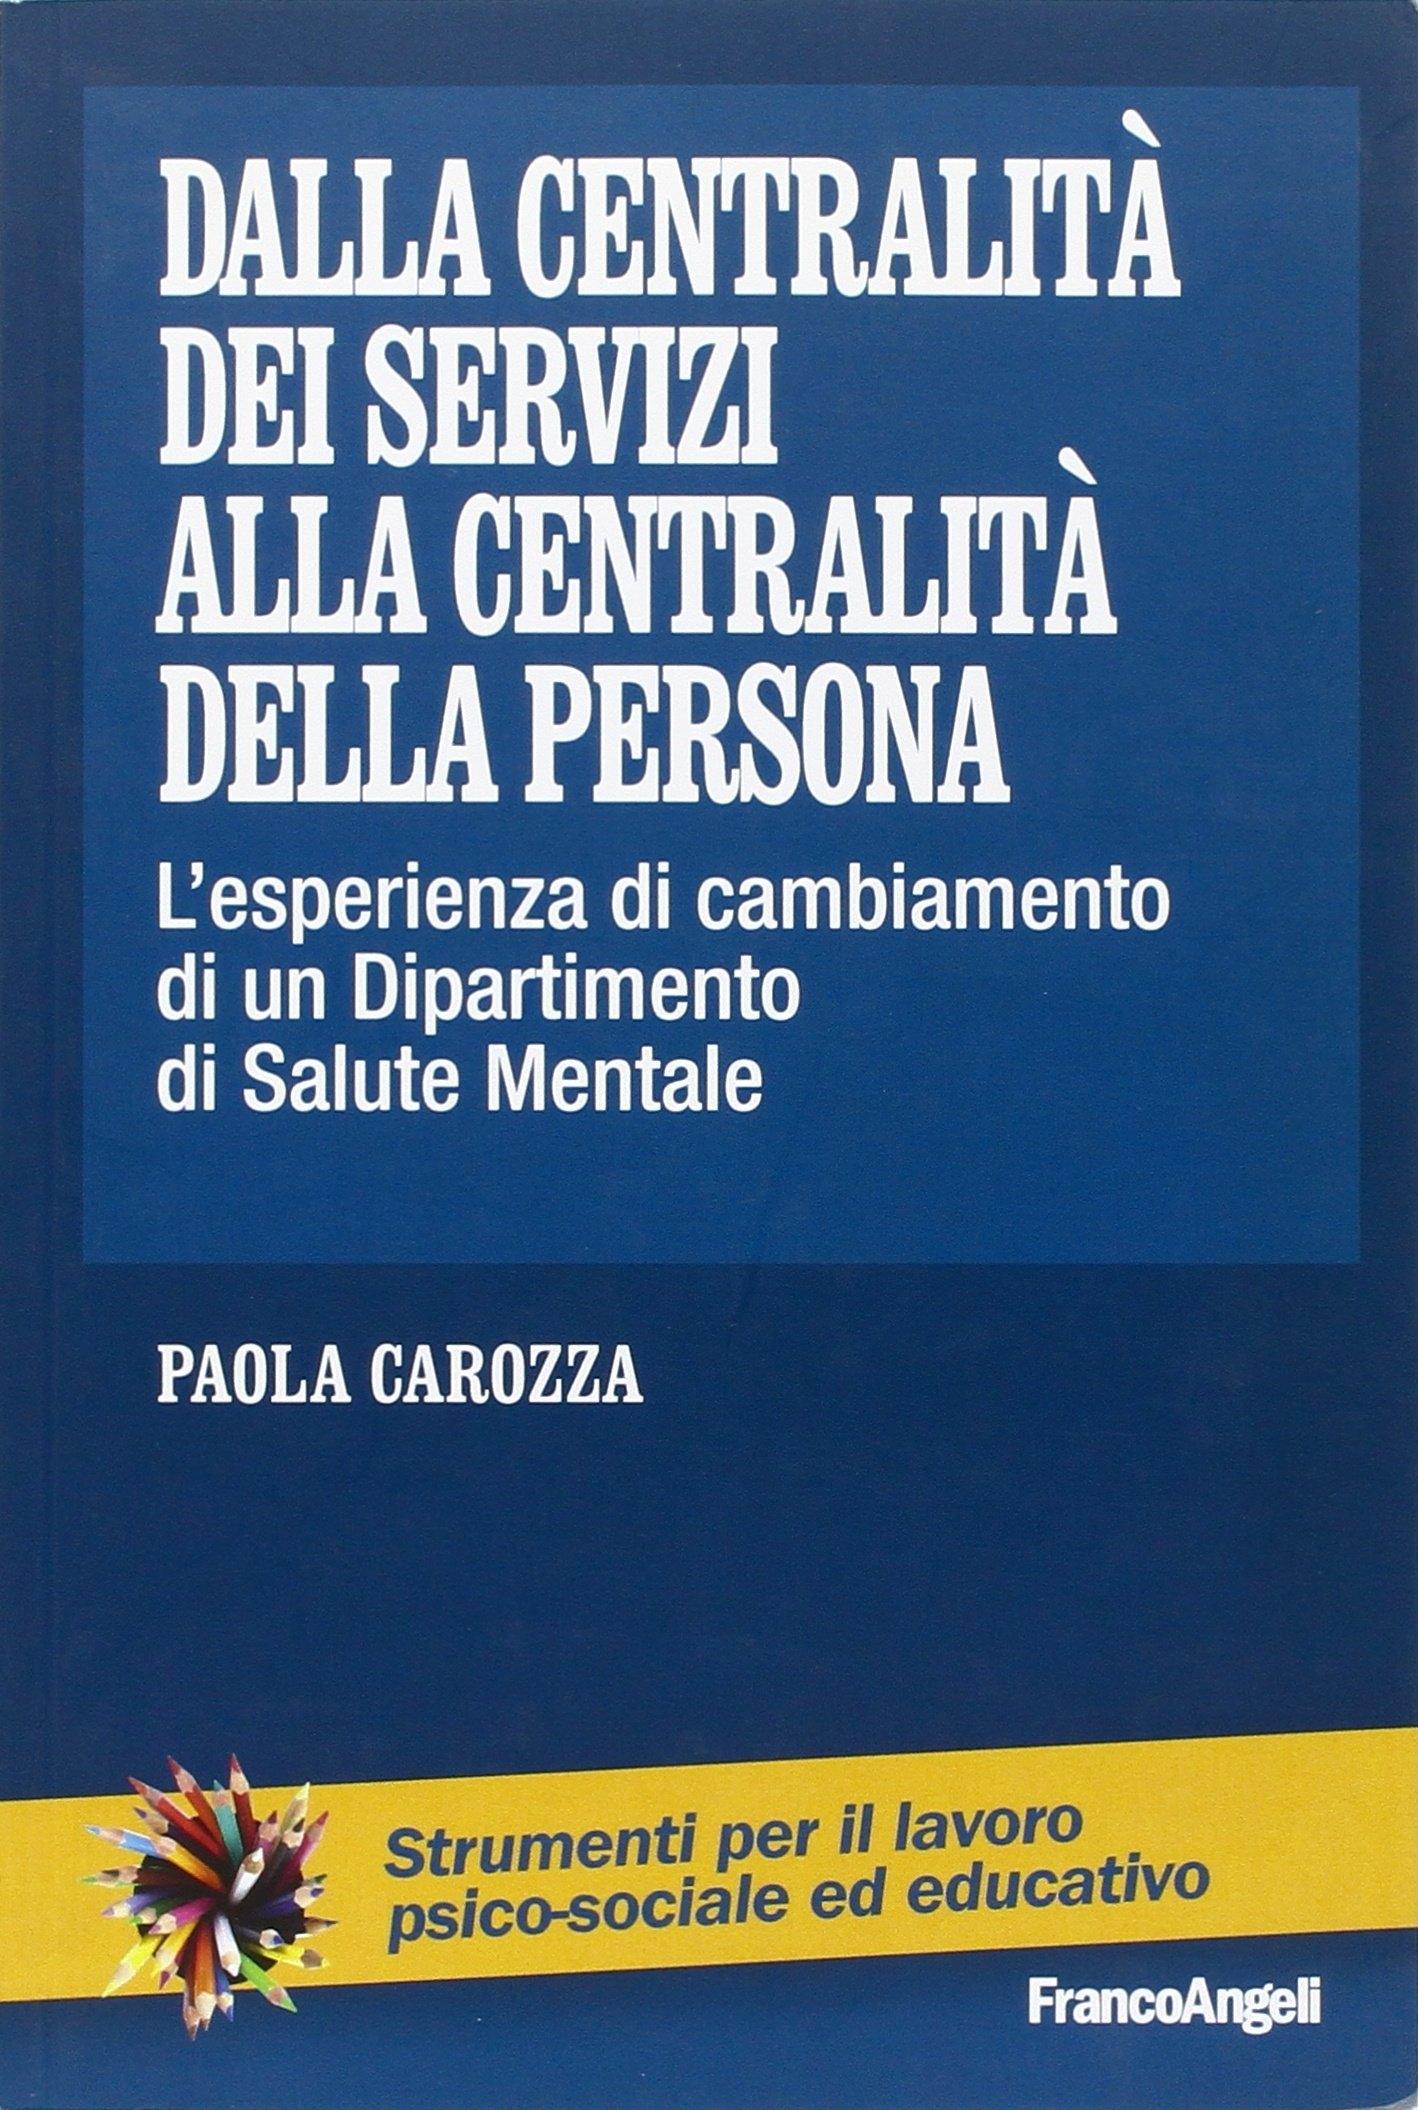 Dalla centralità dei servizi alla centralità della persona. L'esperienza di cambiamento di un dipartimento di salute mentale.